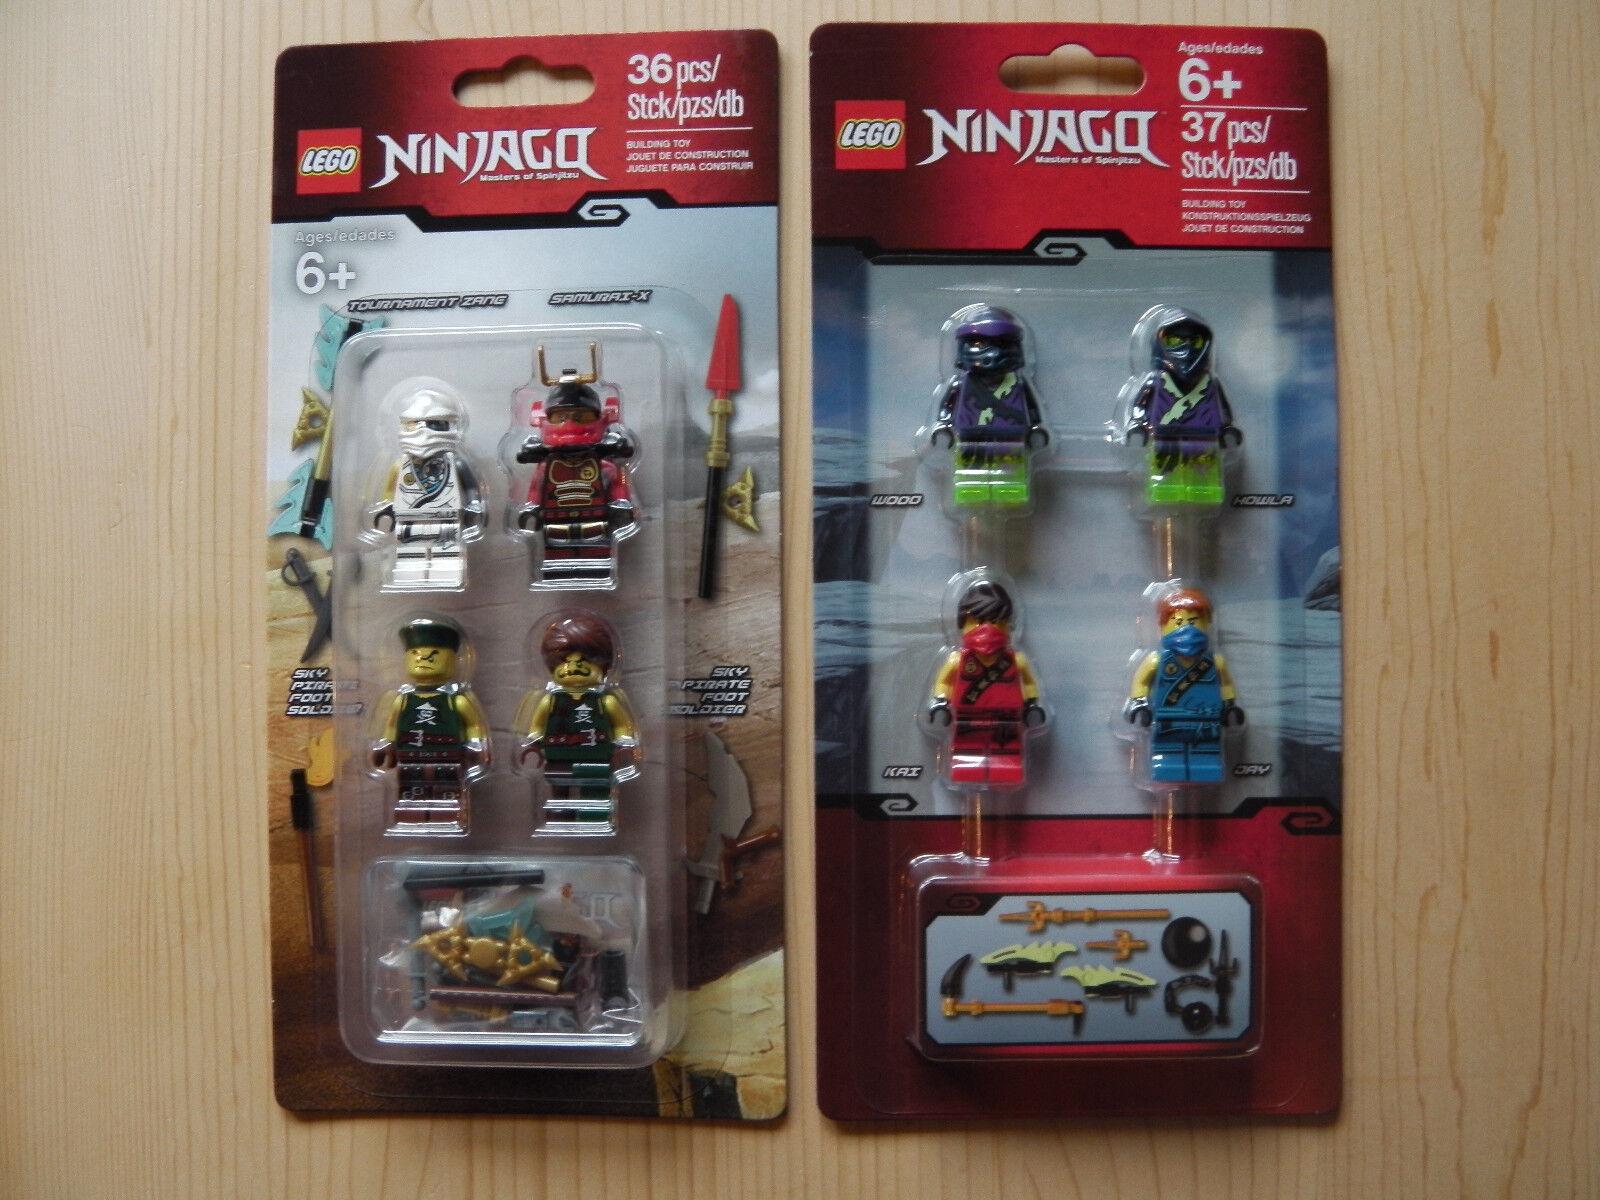 LEGO® NINJAGO™ (851342) Armee-Bauset + (853544) Zubehör-Set inkl Versand